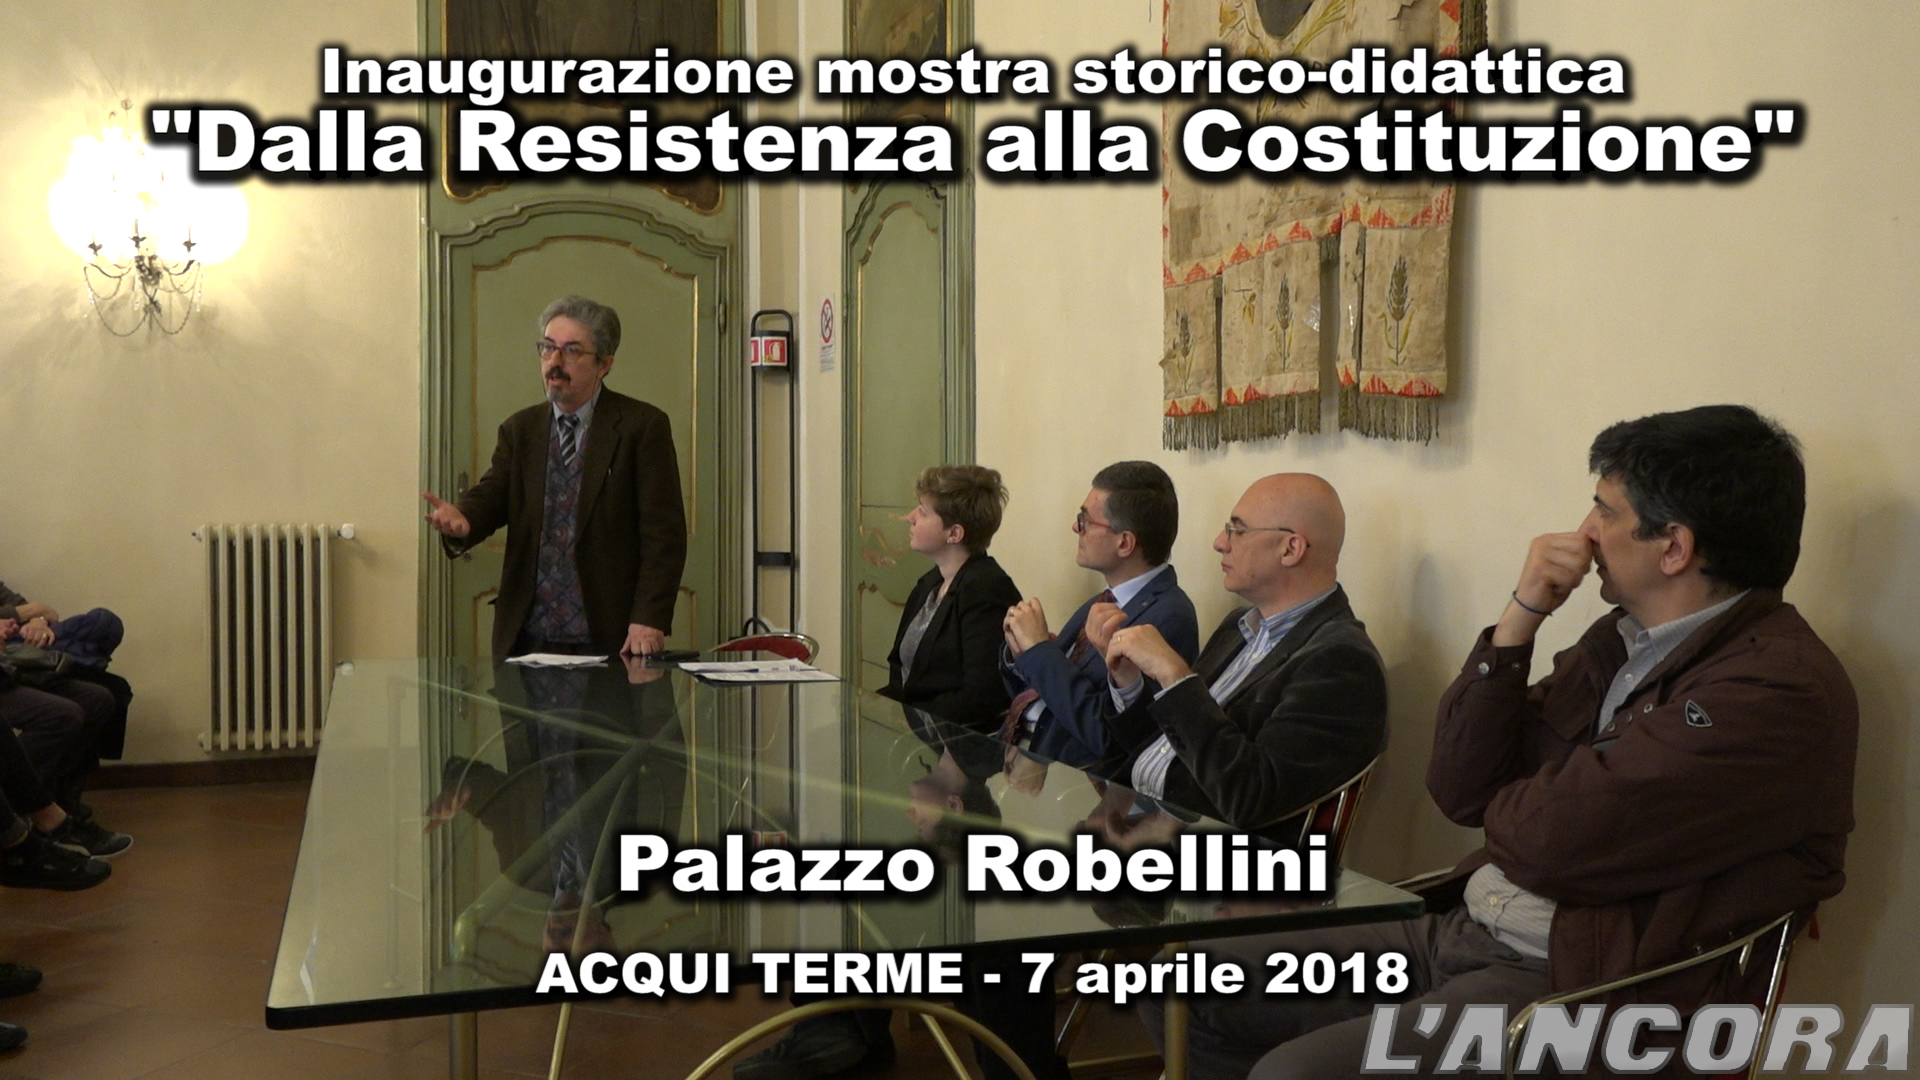 """Video mostra """"Dalla Resistenza alla Costituzione"""""""